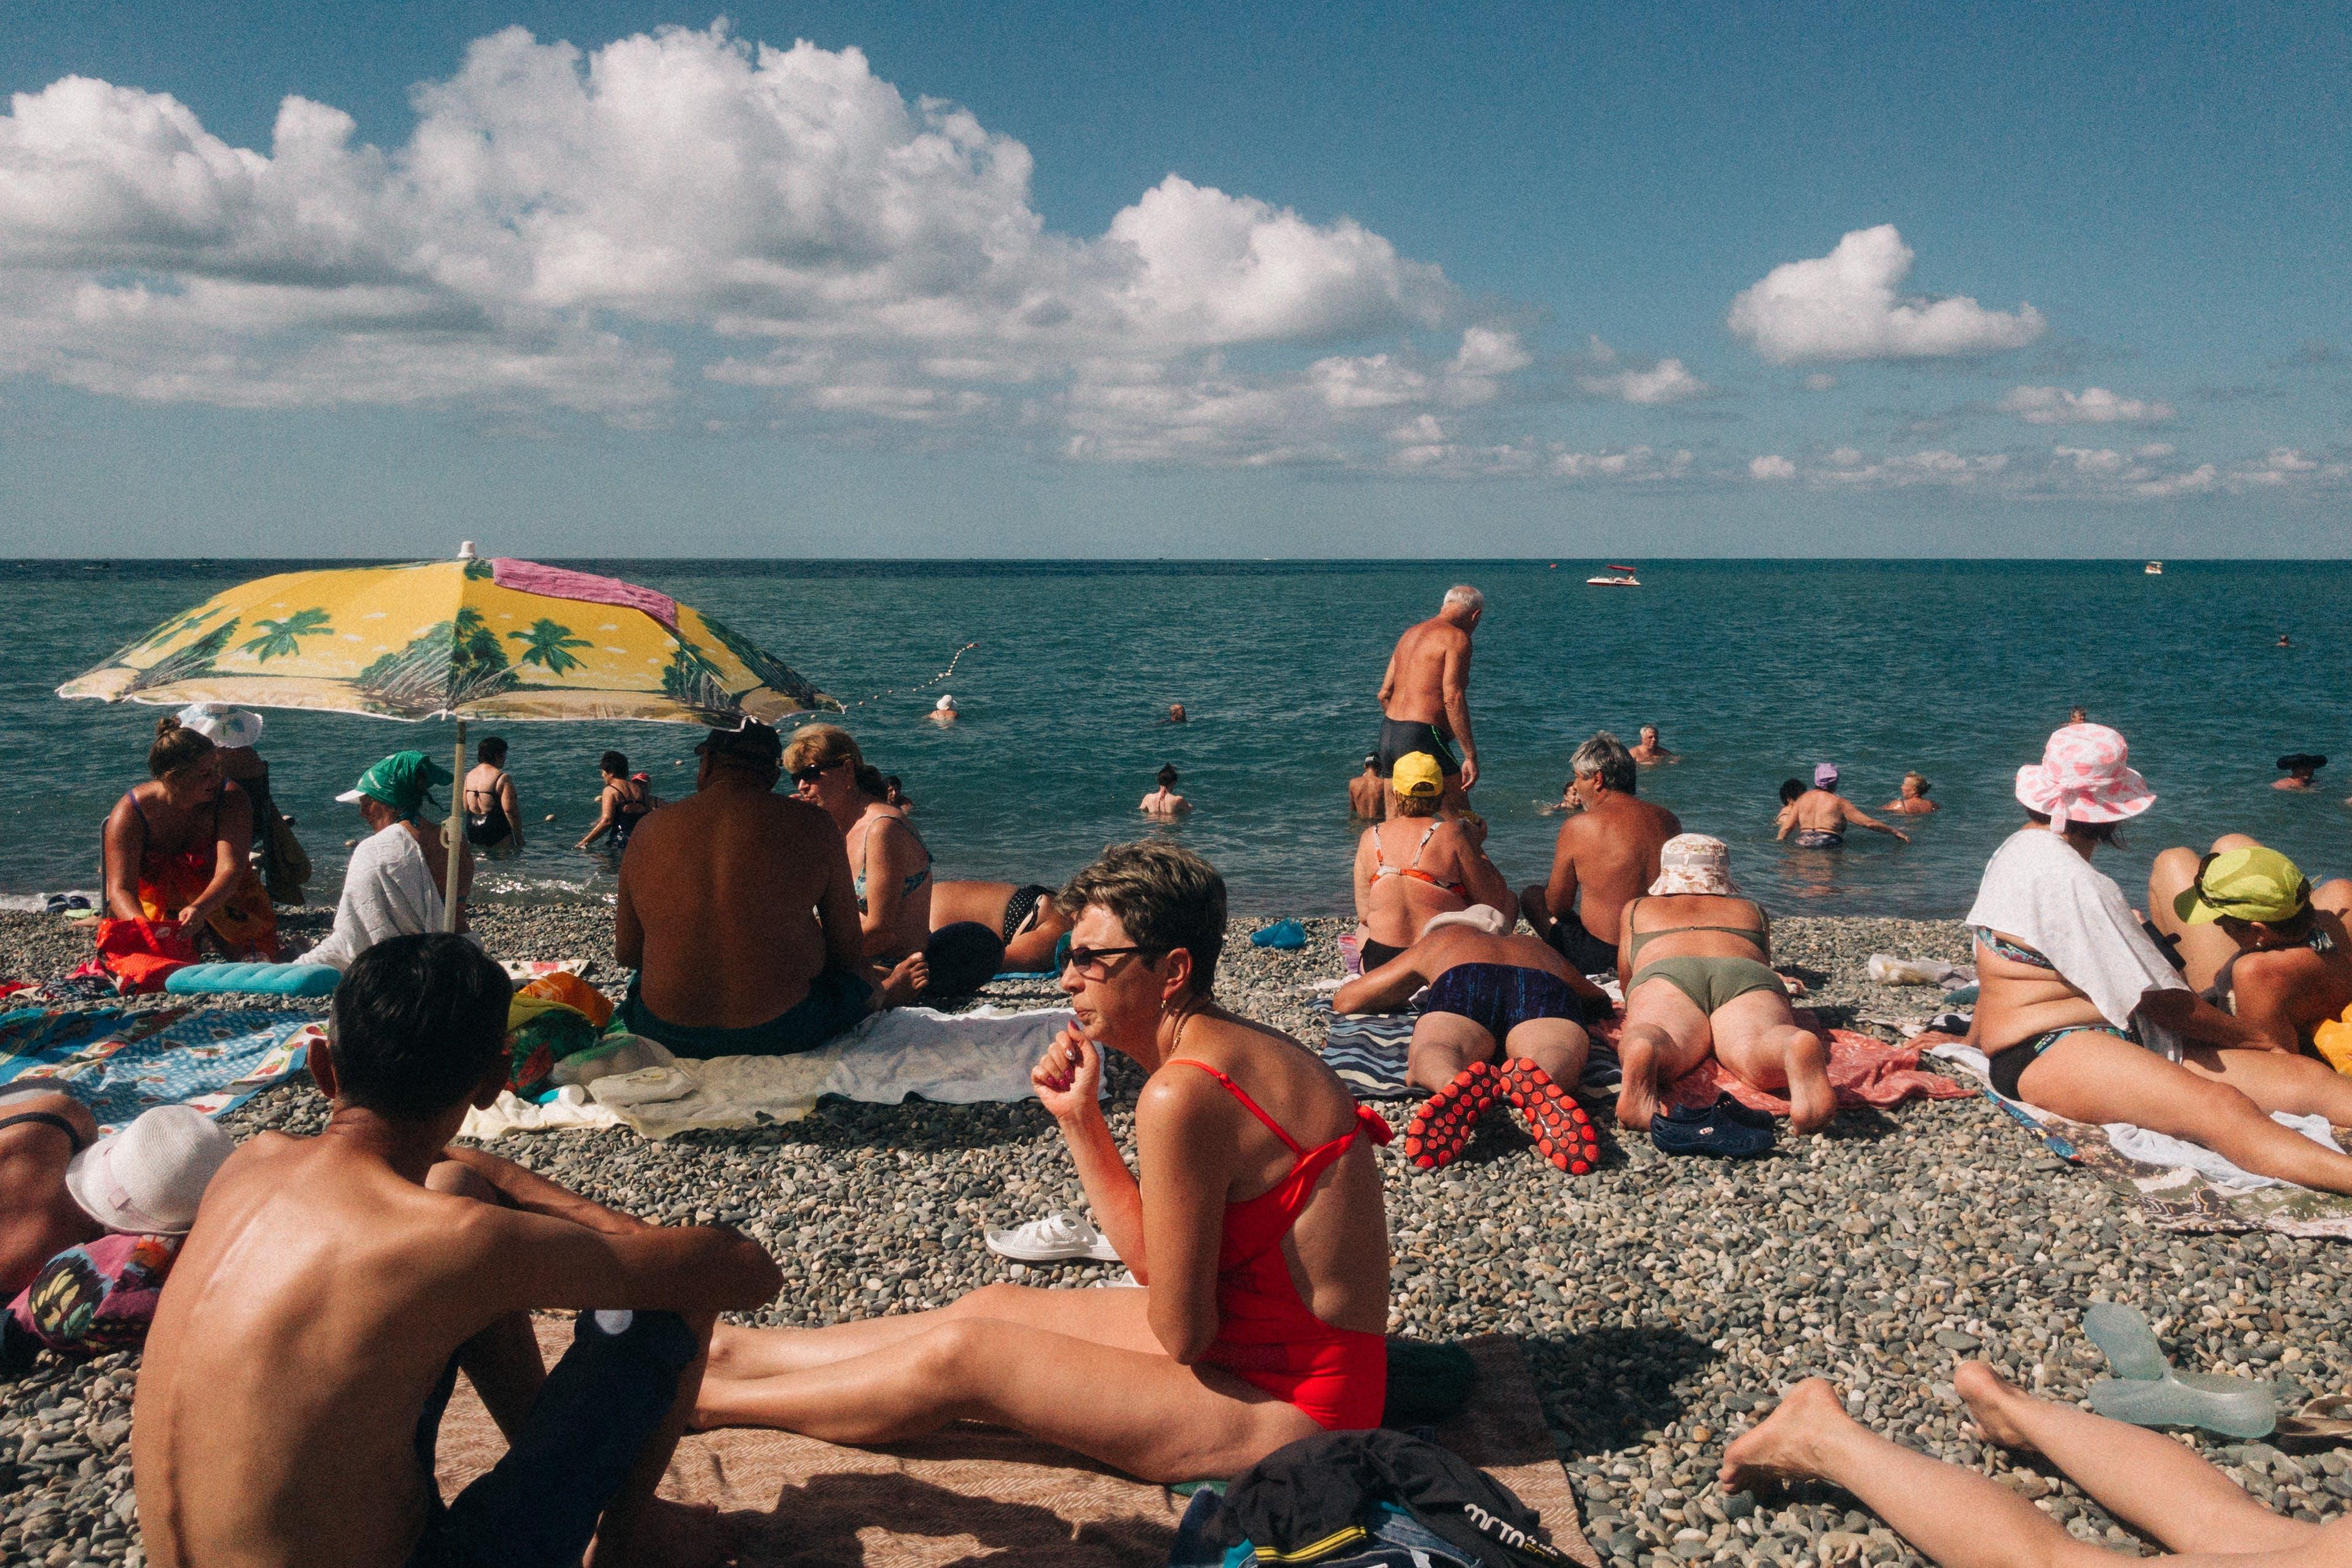 Crowd of People on Seashore Under Blue Sky